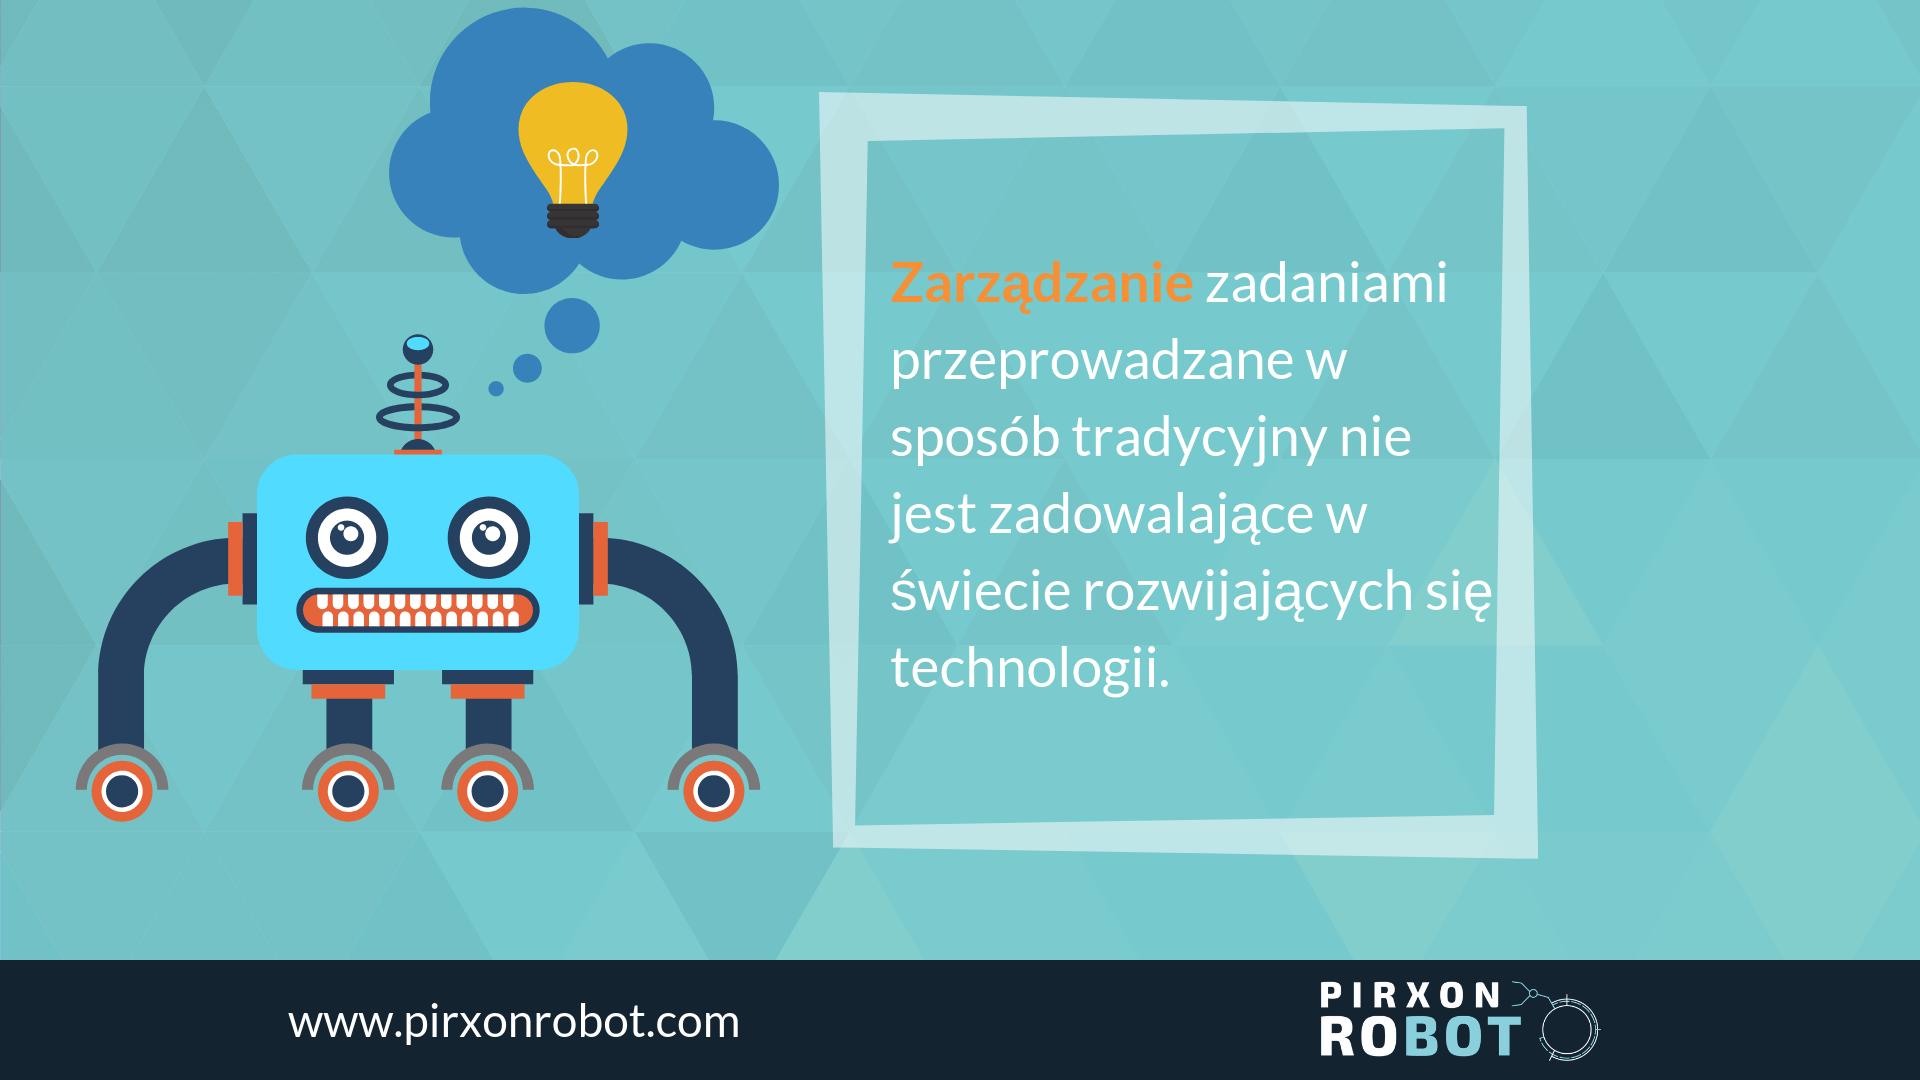 robotyzacja backoffice PIRXONrobot PIRXON